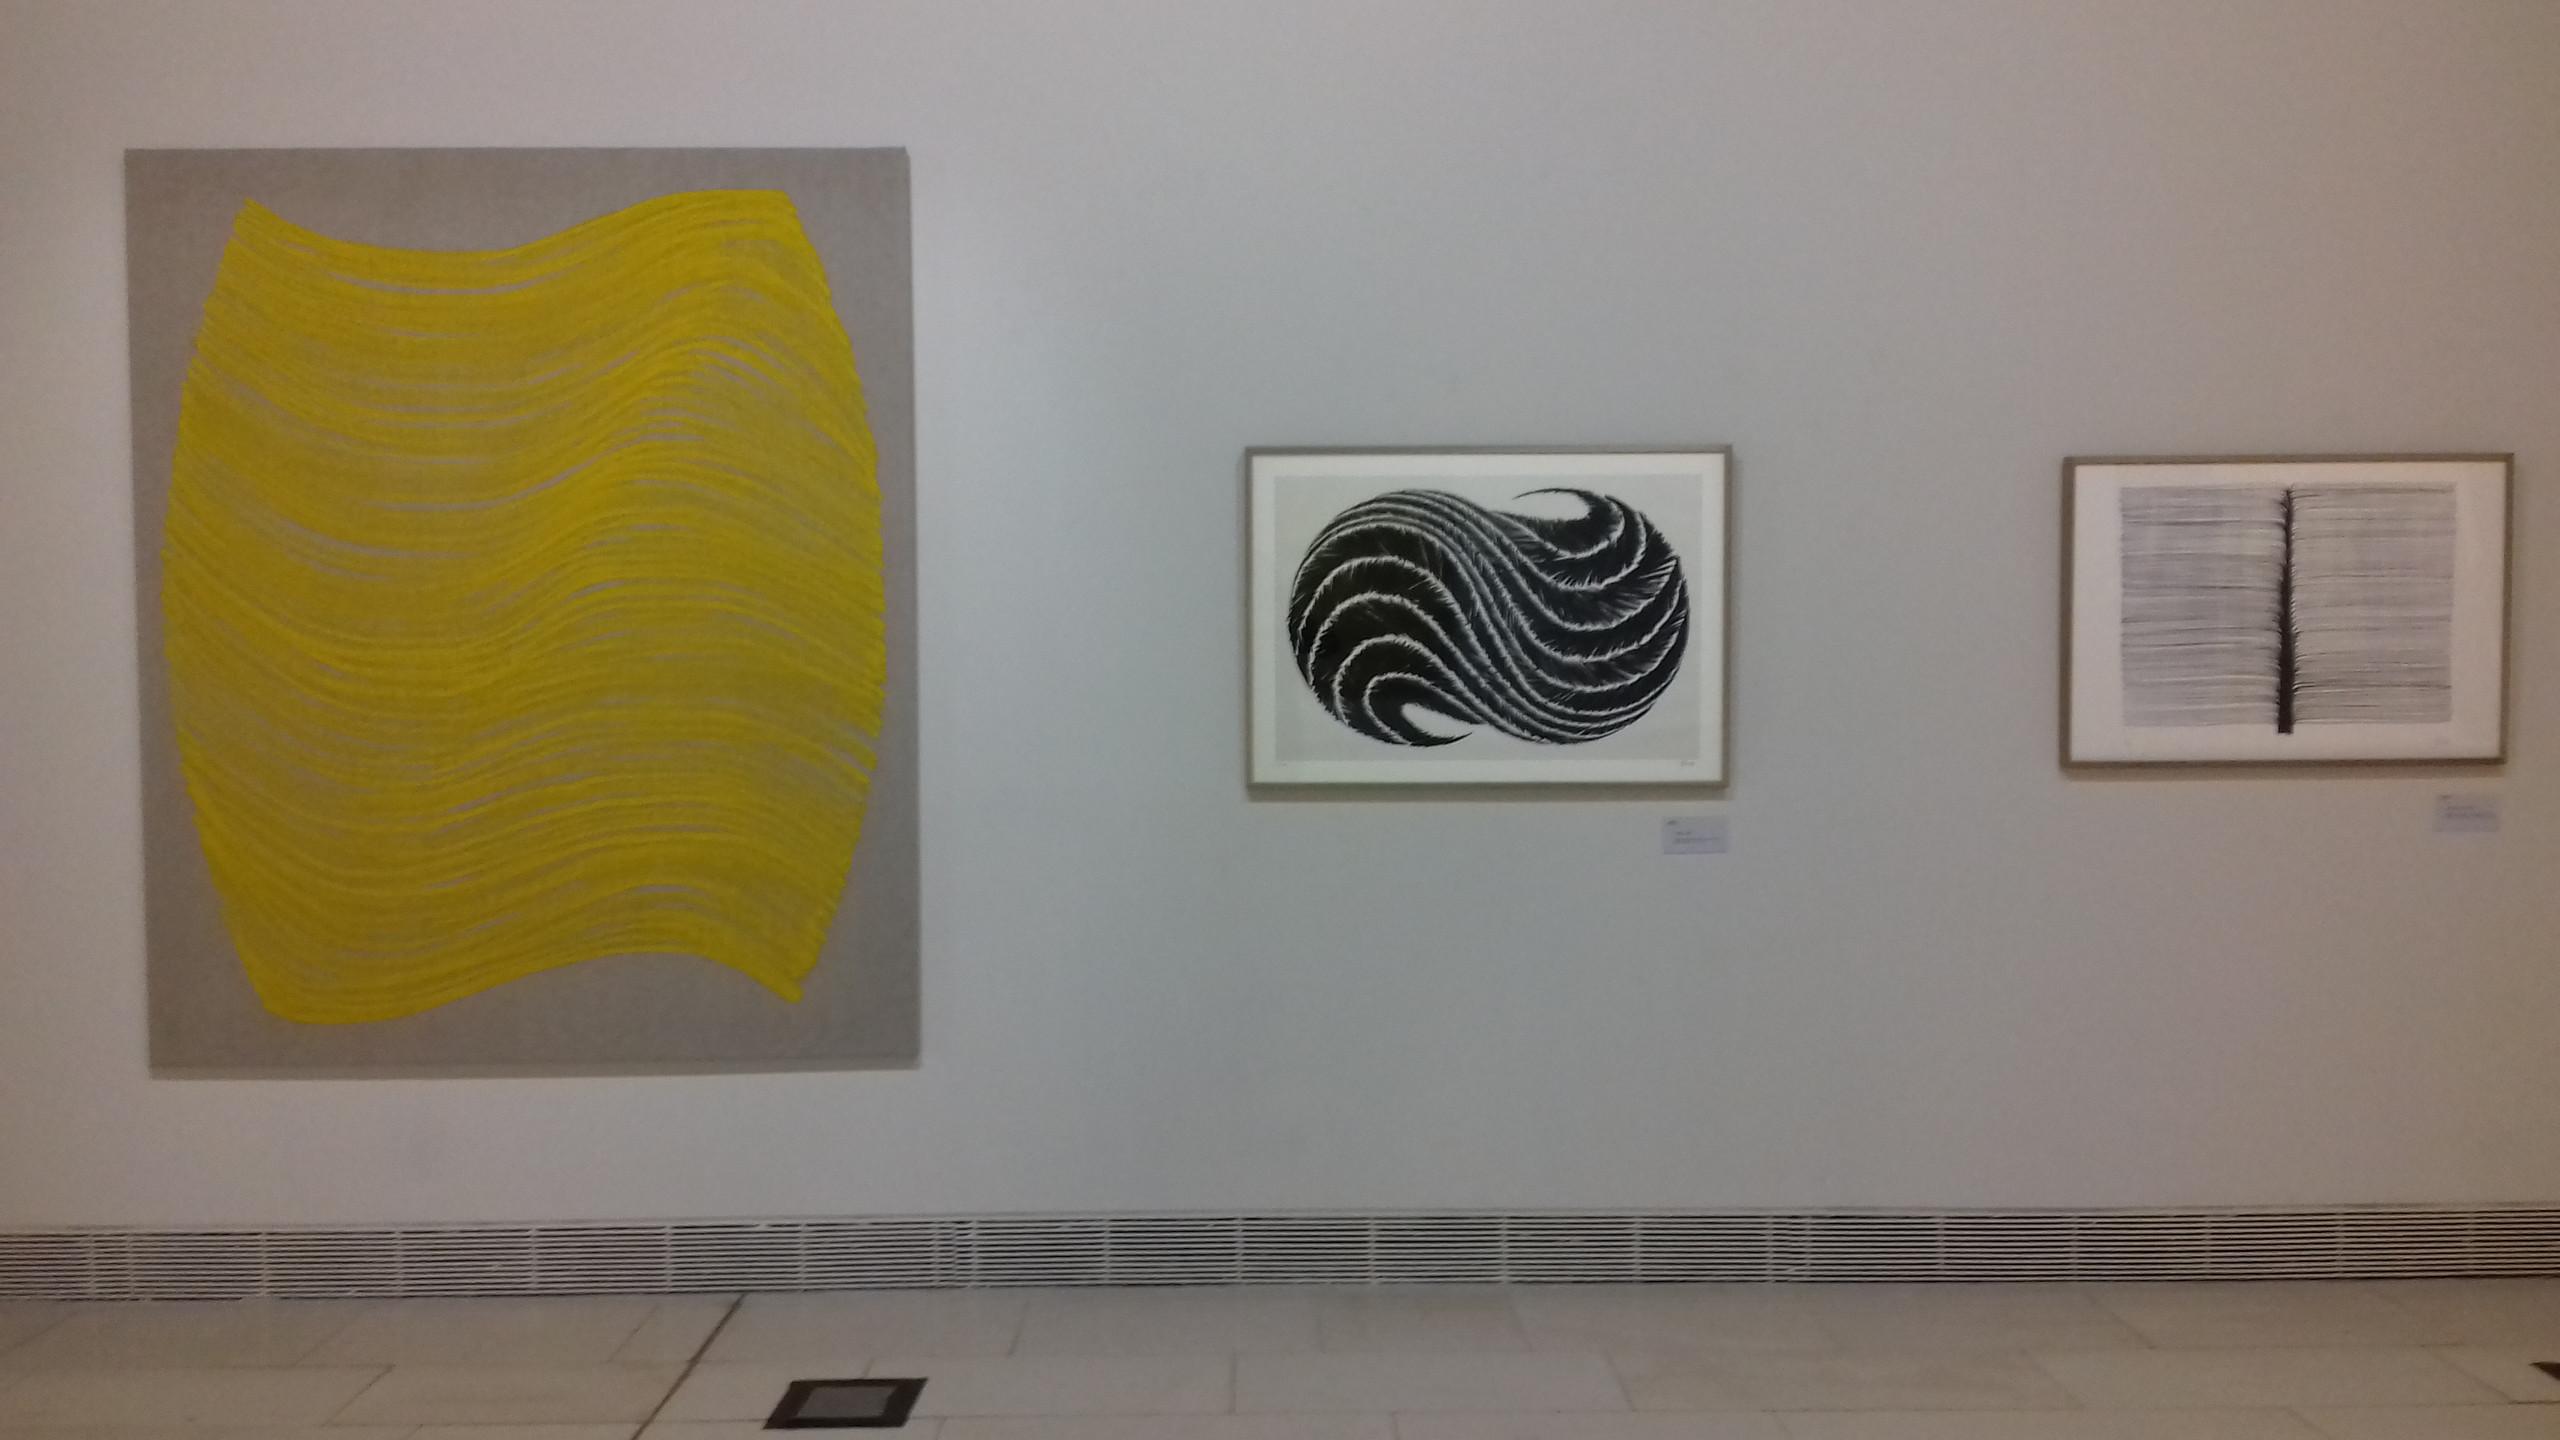 Peinture Egyptienne (2004), sérigraphie Souira (1999) et lithographie Arborescence (2004)